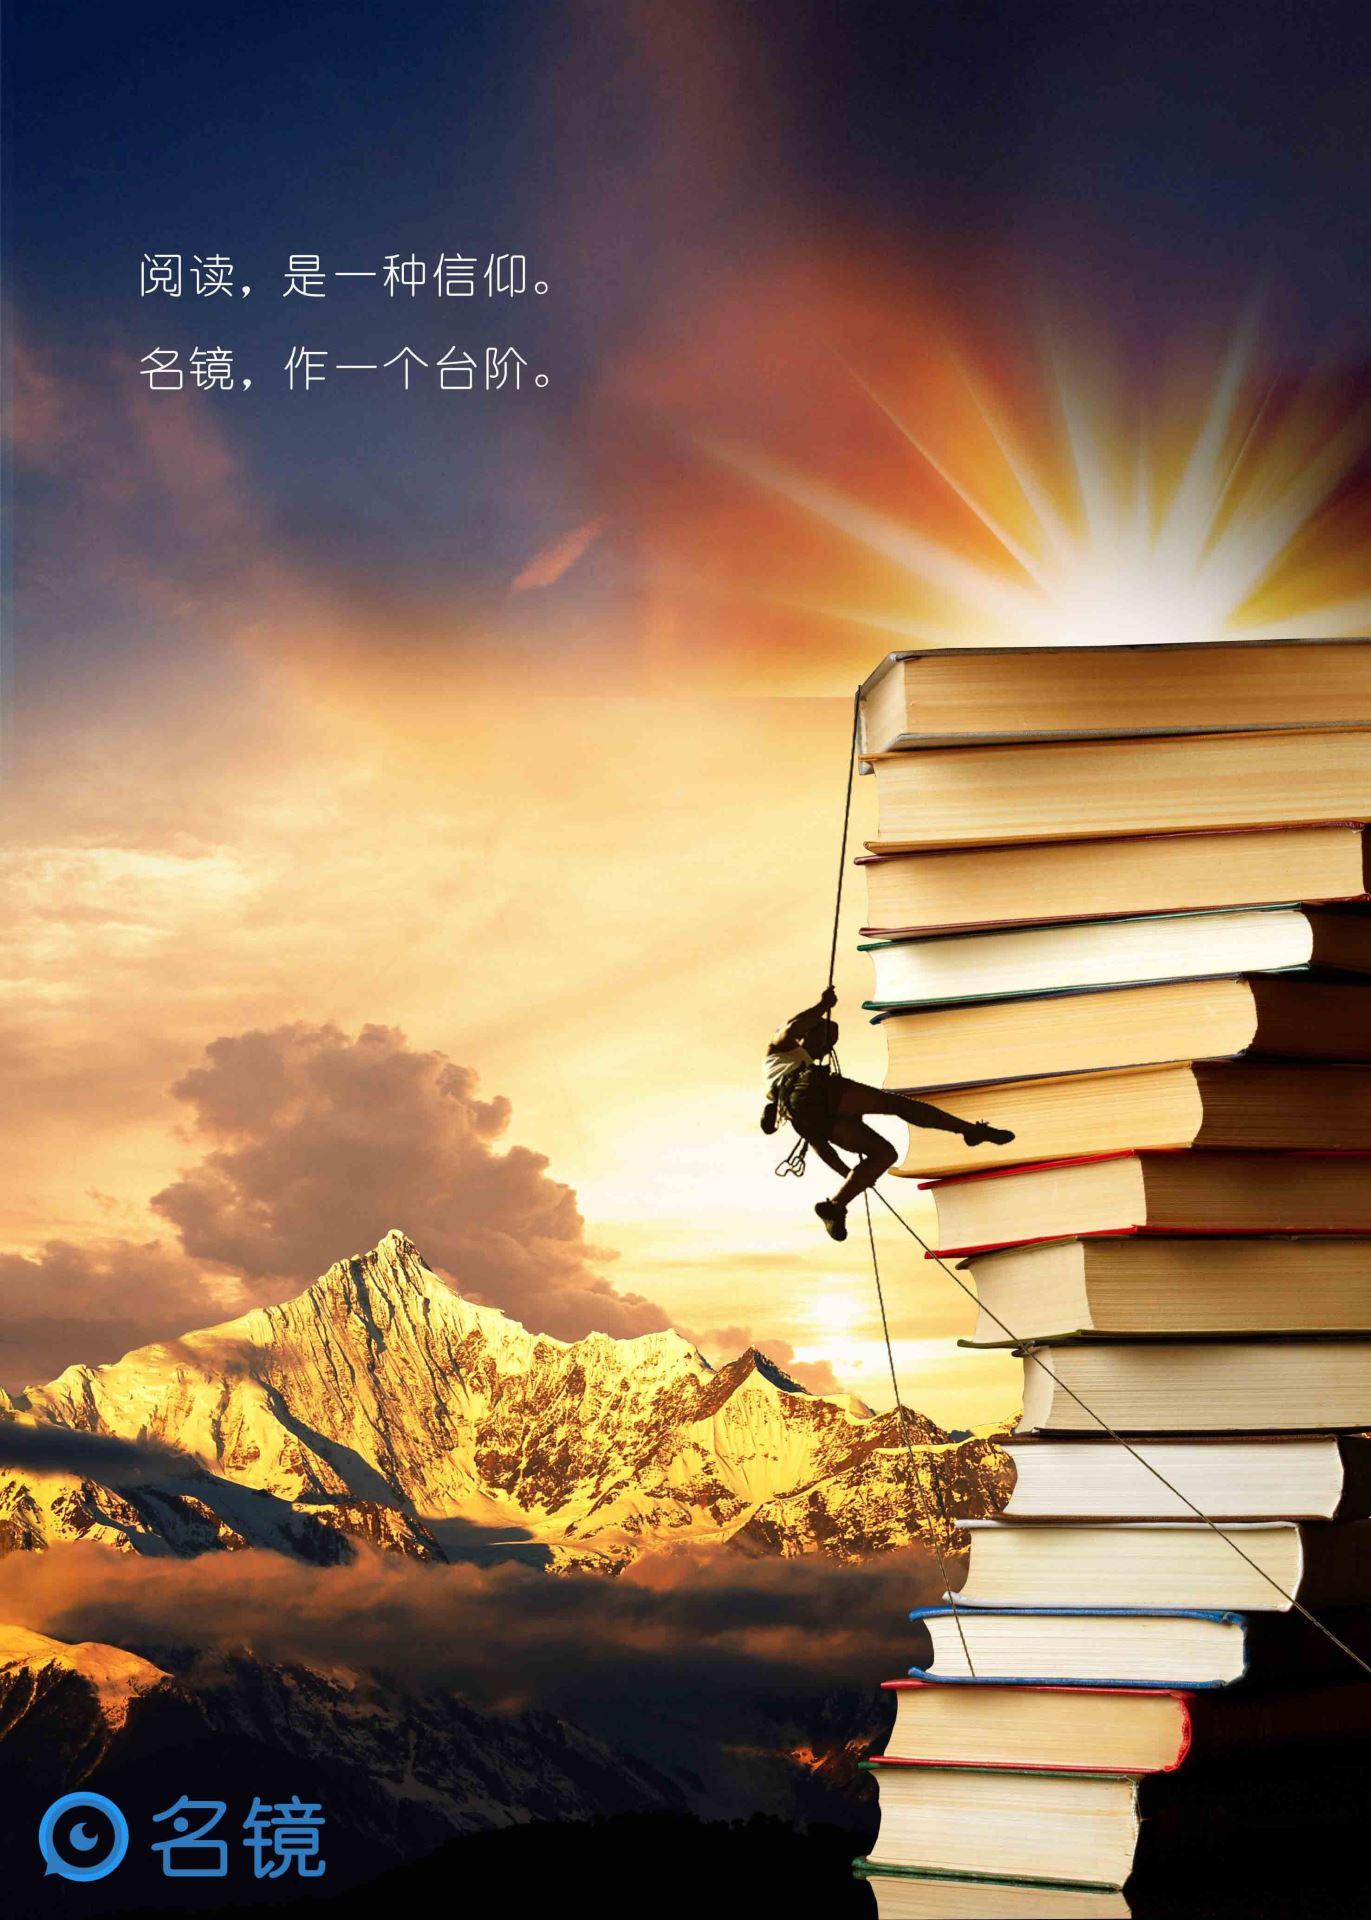 文化兴国从全民阅读开始 名镜创新网络阅读模式